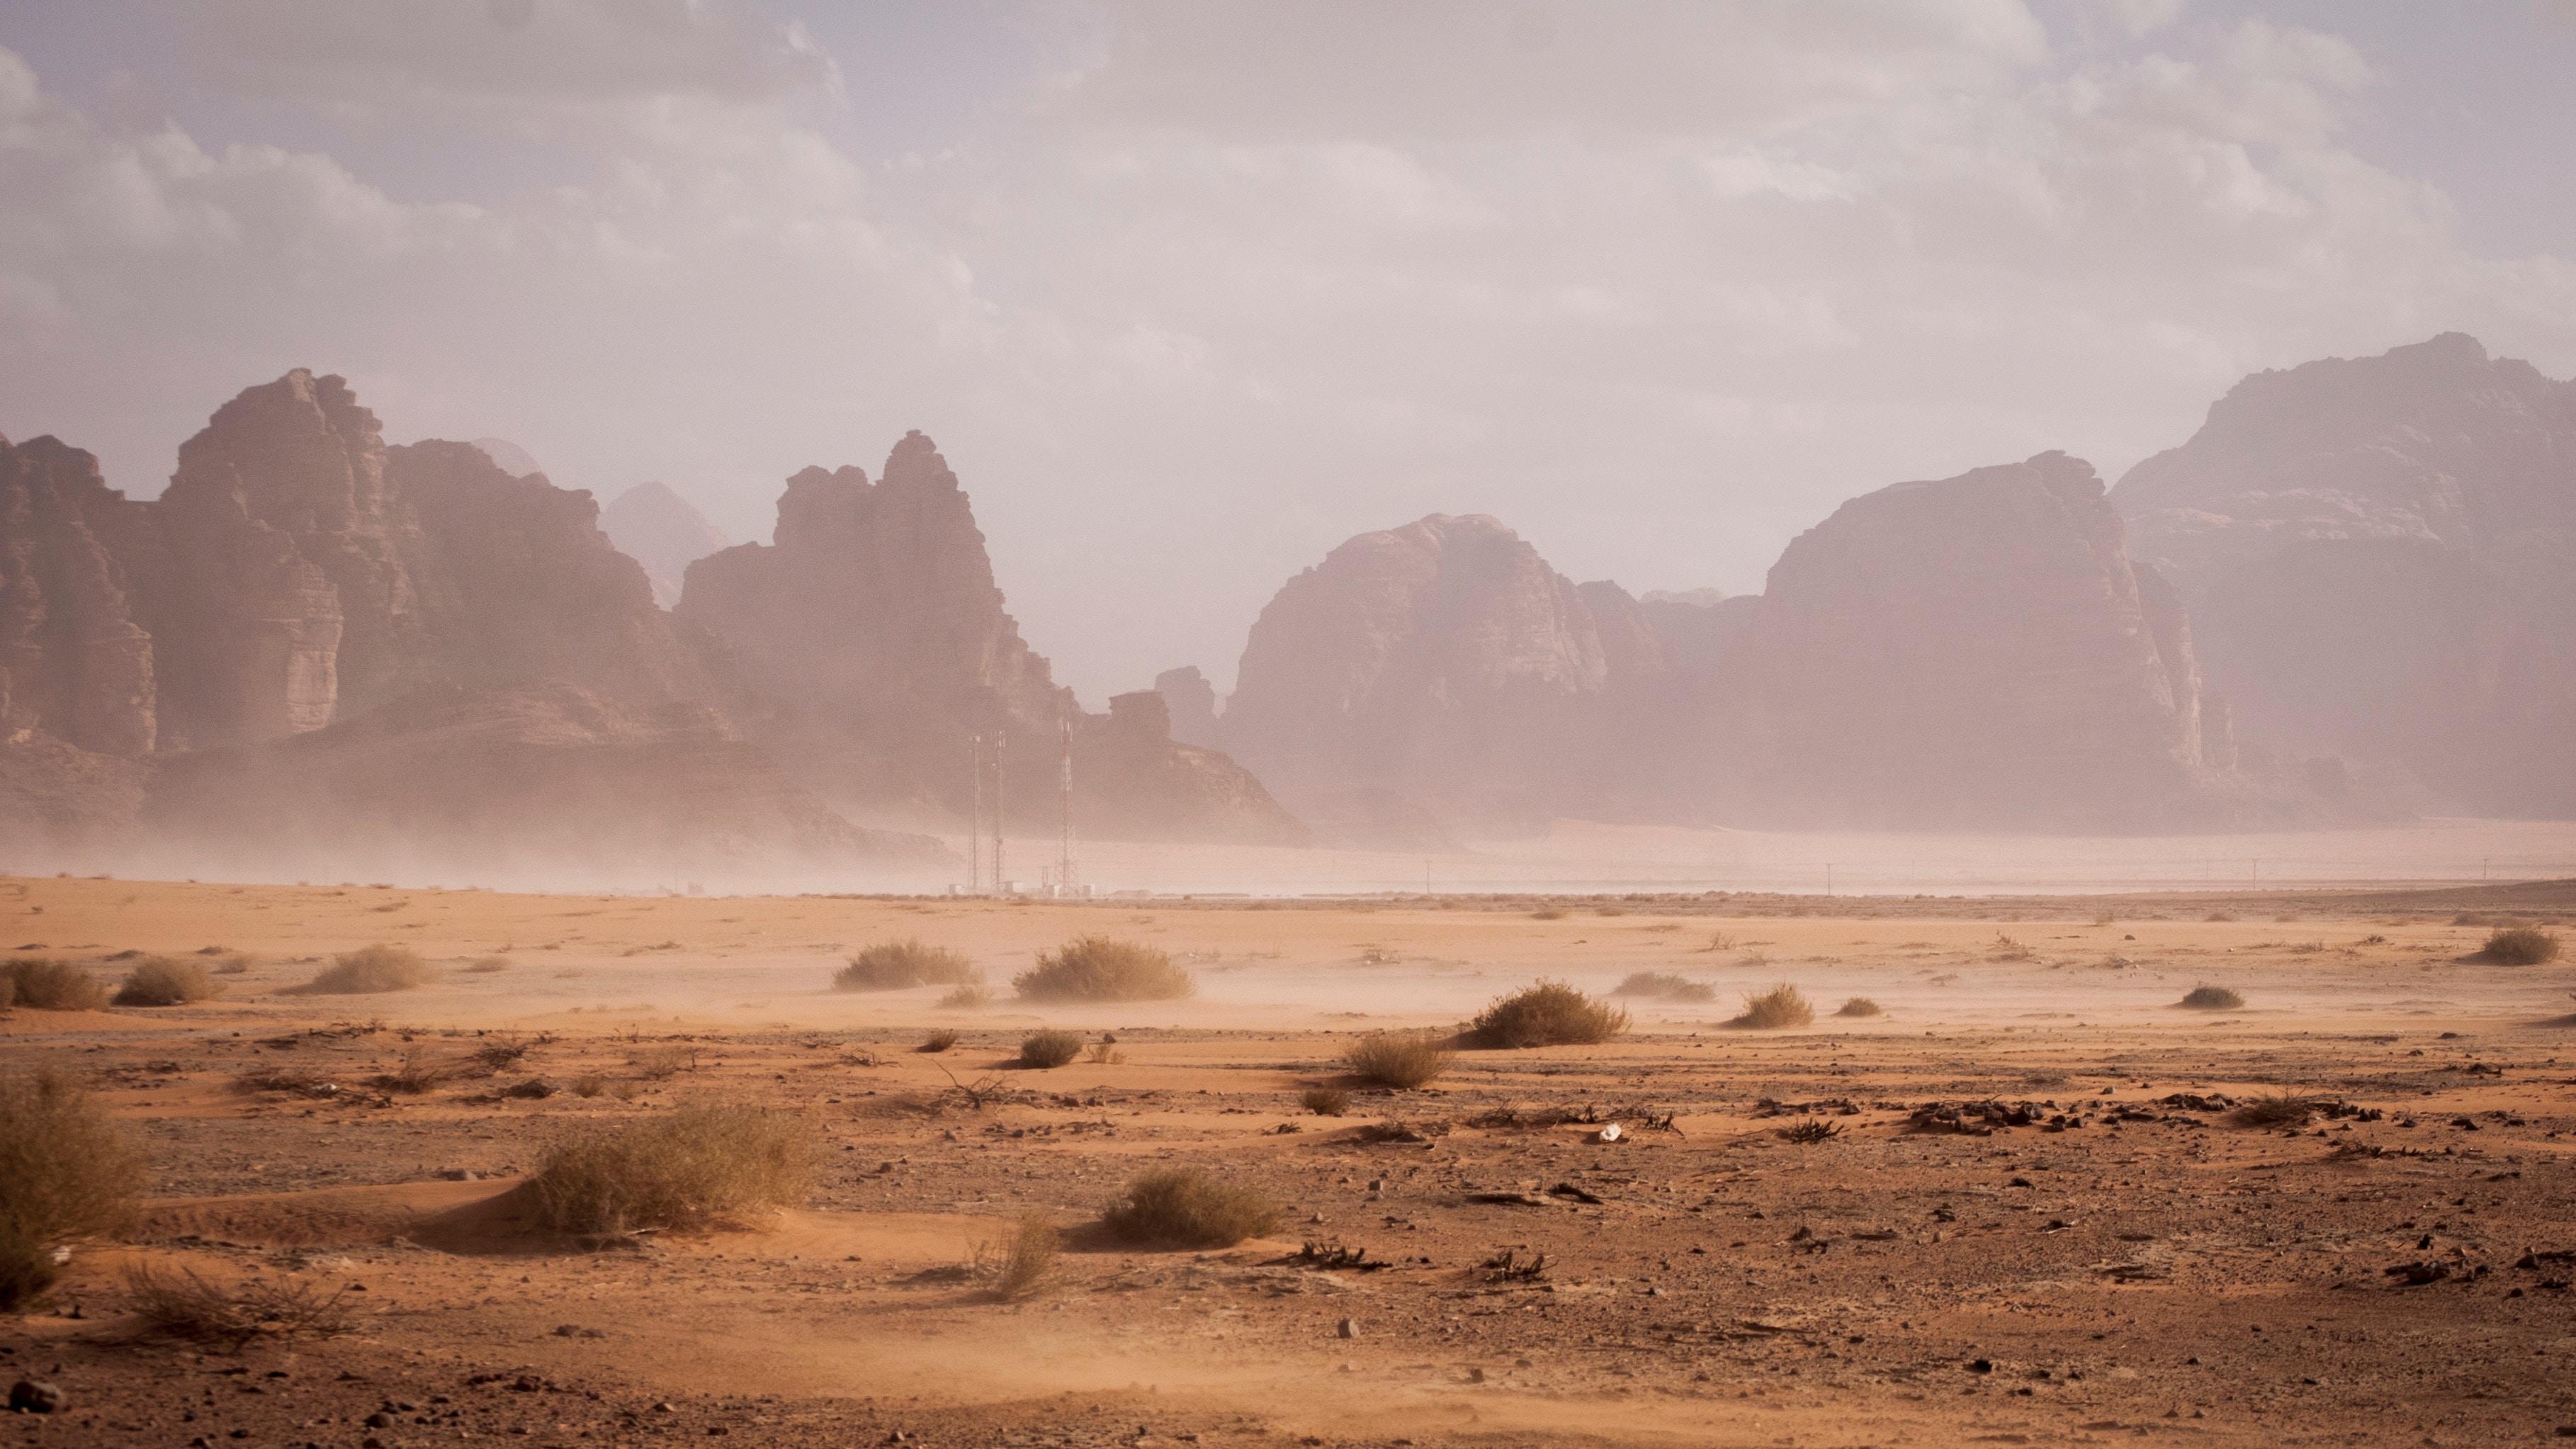 Azraq Reserve